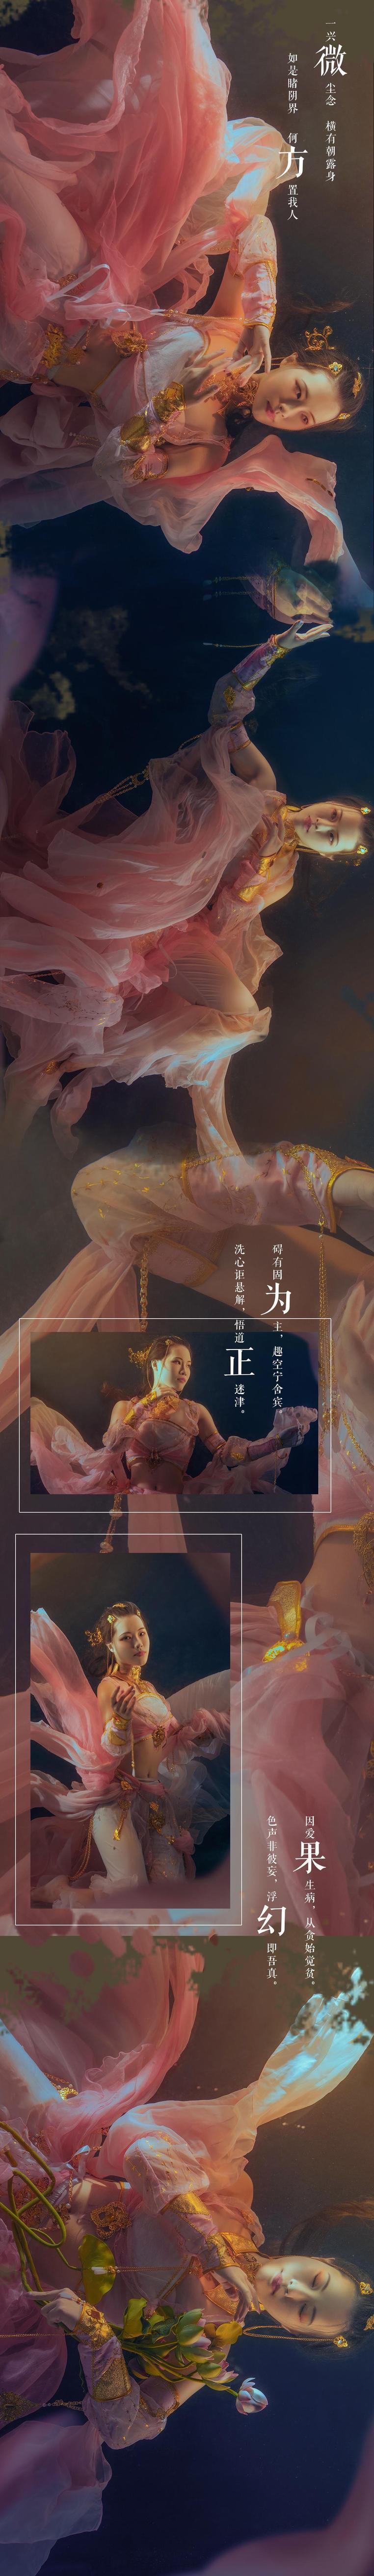 《剑侠情缘网络版叁》剑网三七秀cosplay【CN:冰漠】-第2张